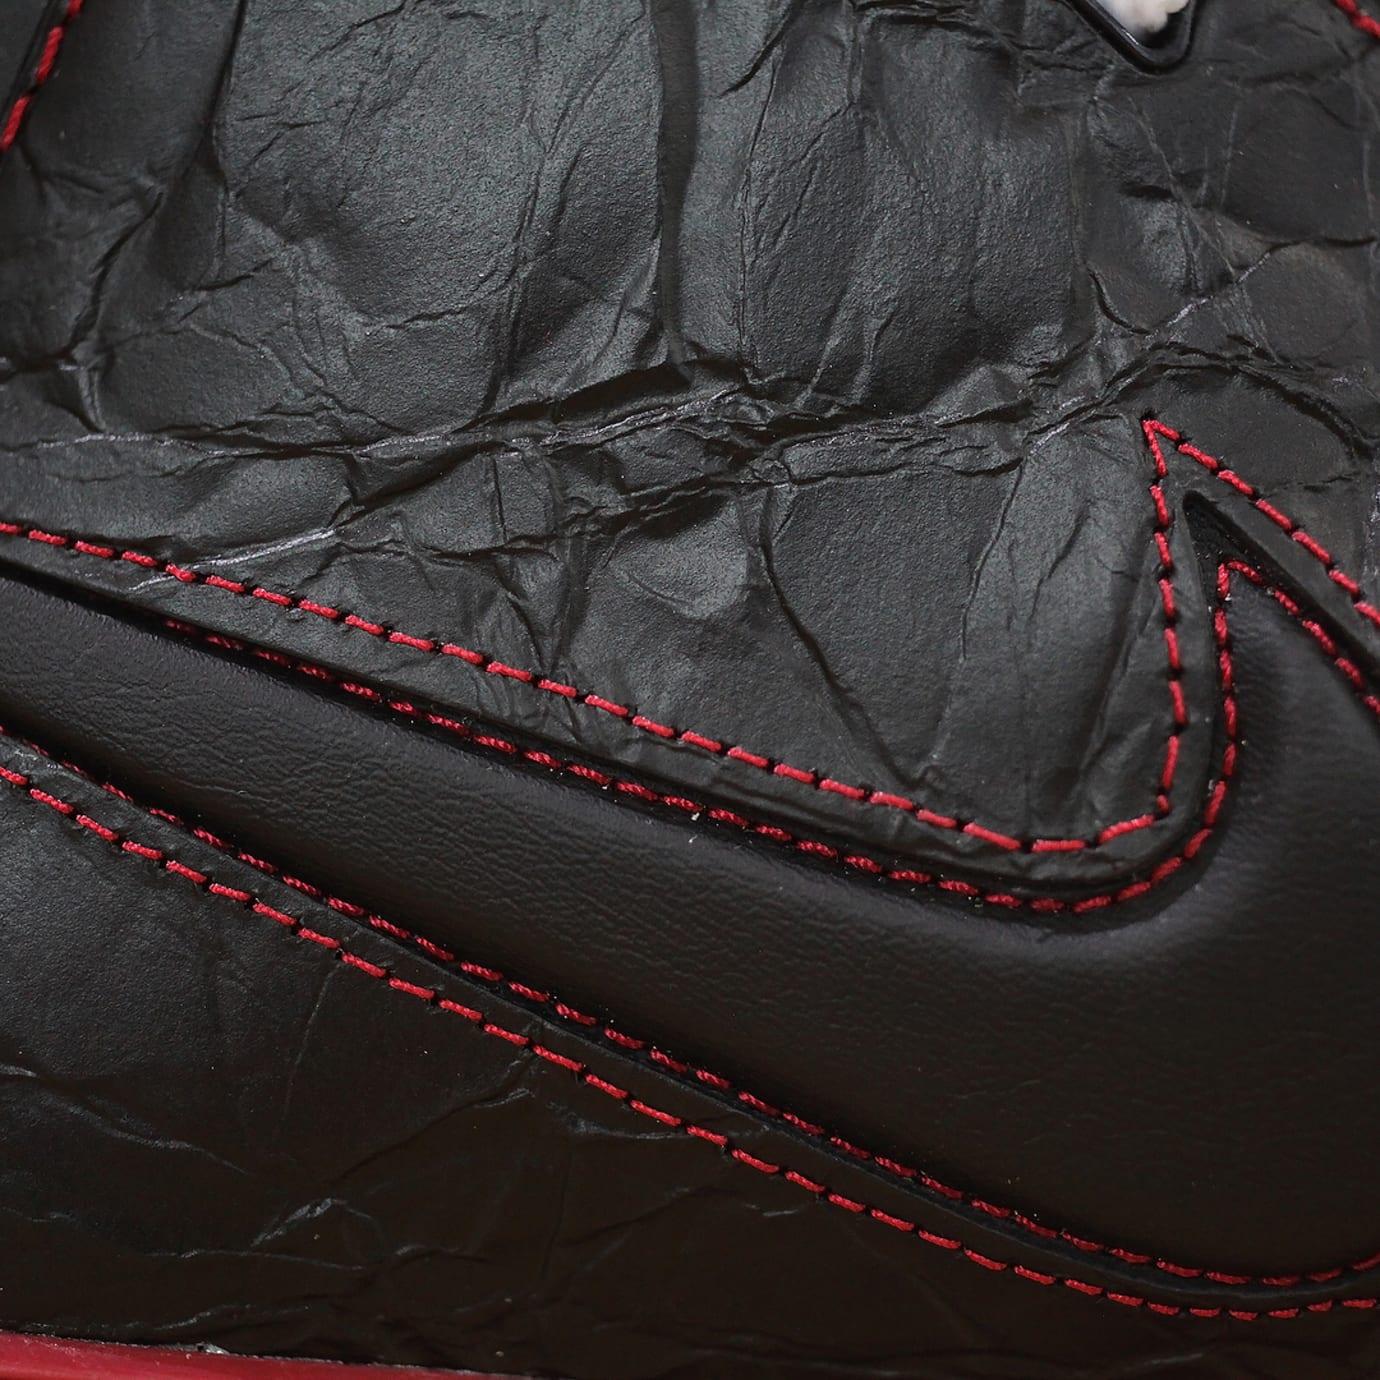 Nike Zoom Kobe 1 Protro All-Star Release Date AQ2728-102 Medial